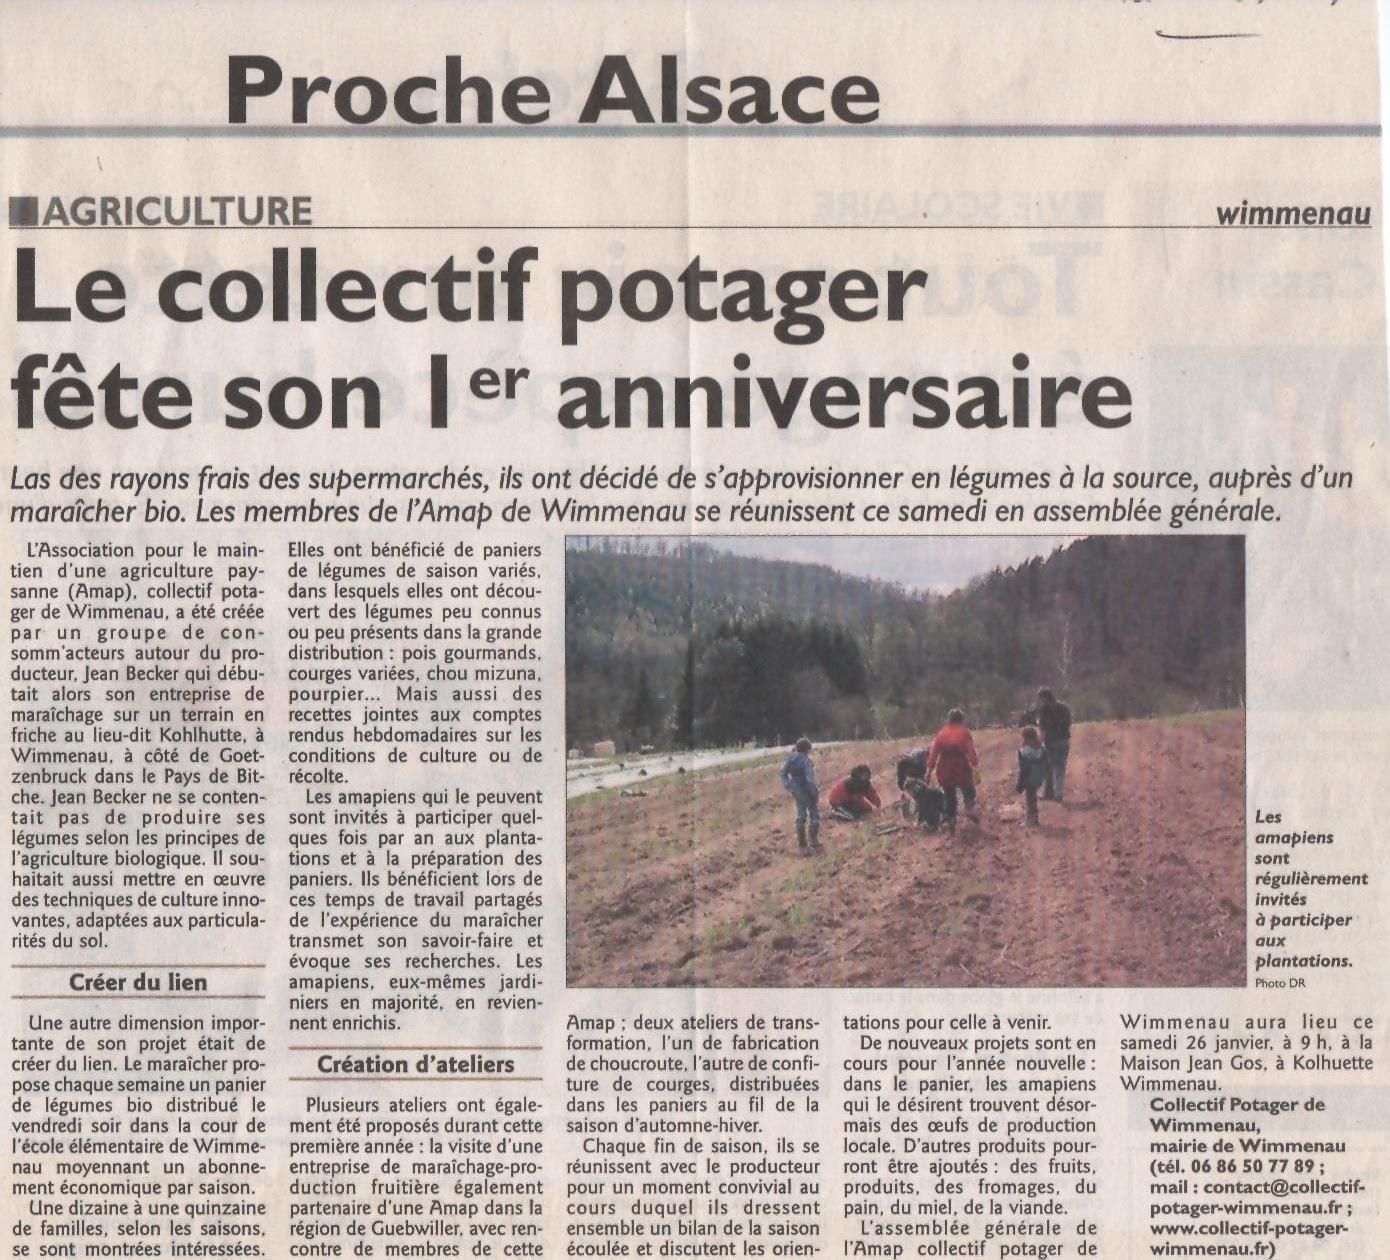 Source : Républicain Lorrain, 25 janvier 2013